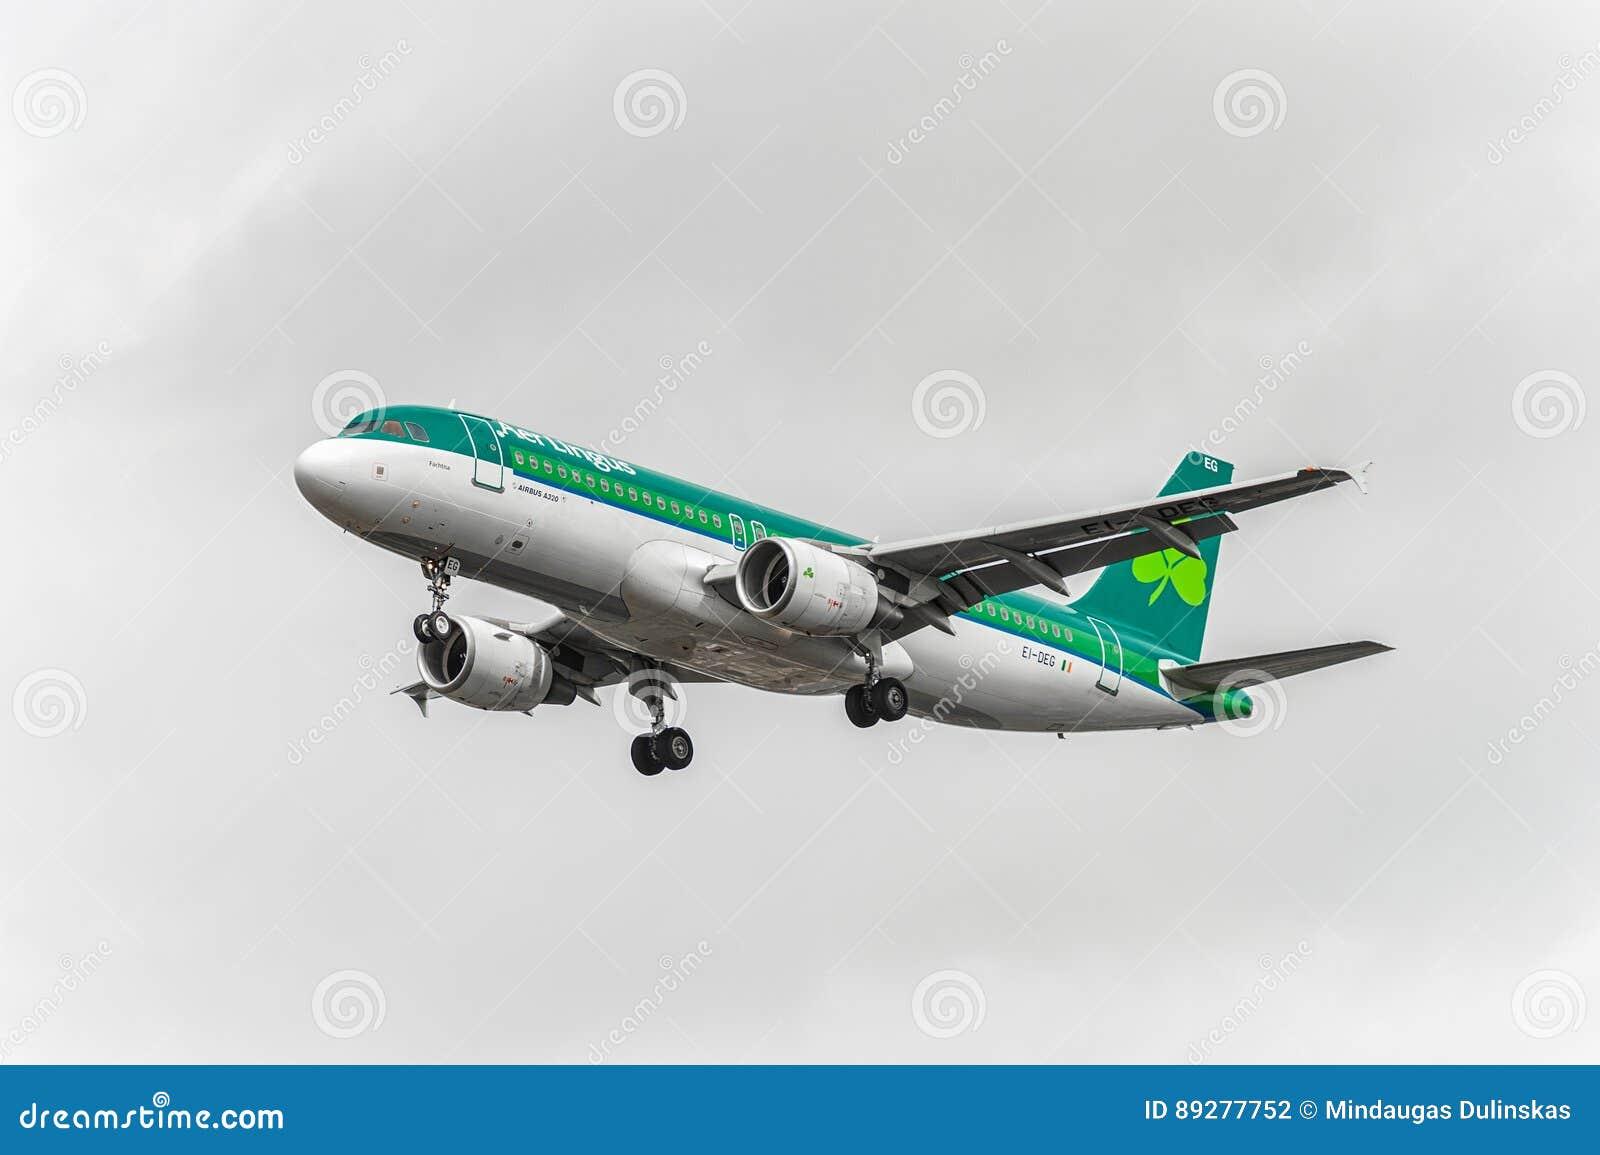 LONDON, ENGLAND - AUGUST 22, 2016: EI-DEG Aer Lingus Airbus A320 Landing in Heathrow Airport, London.